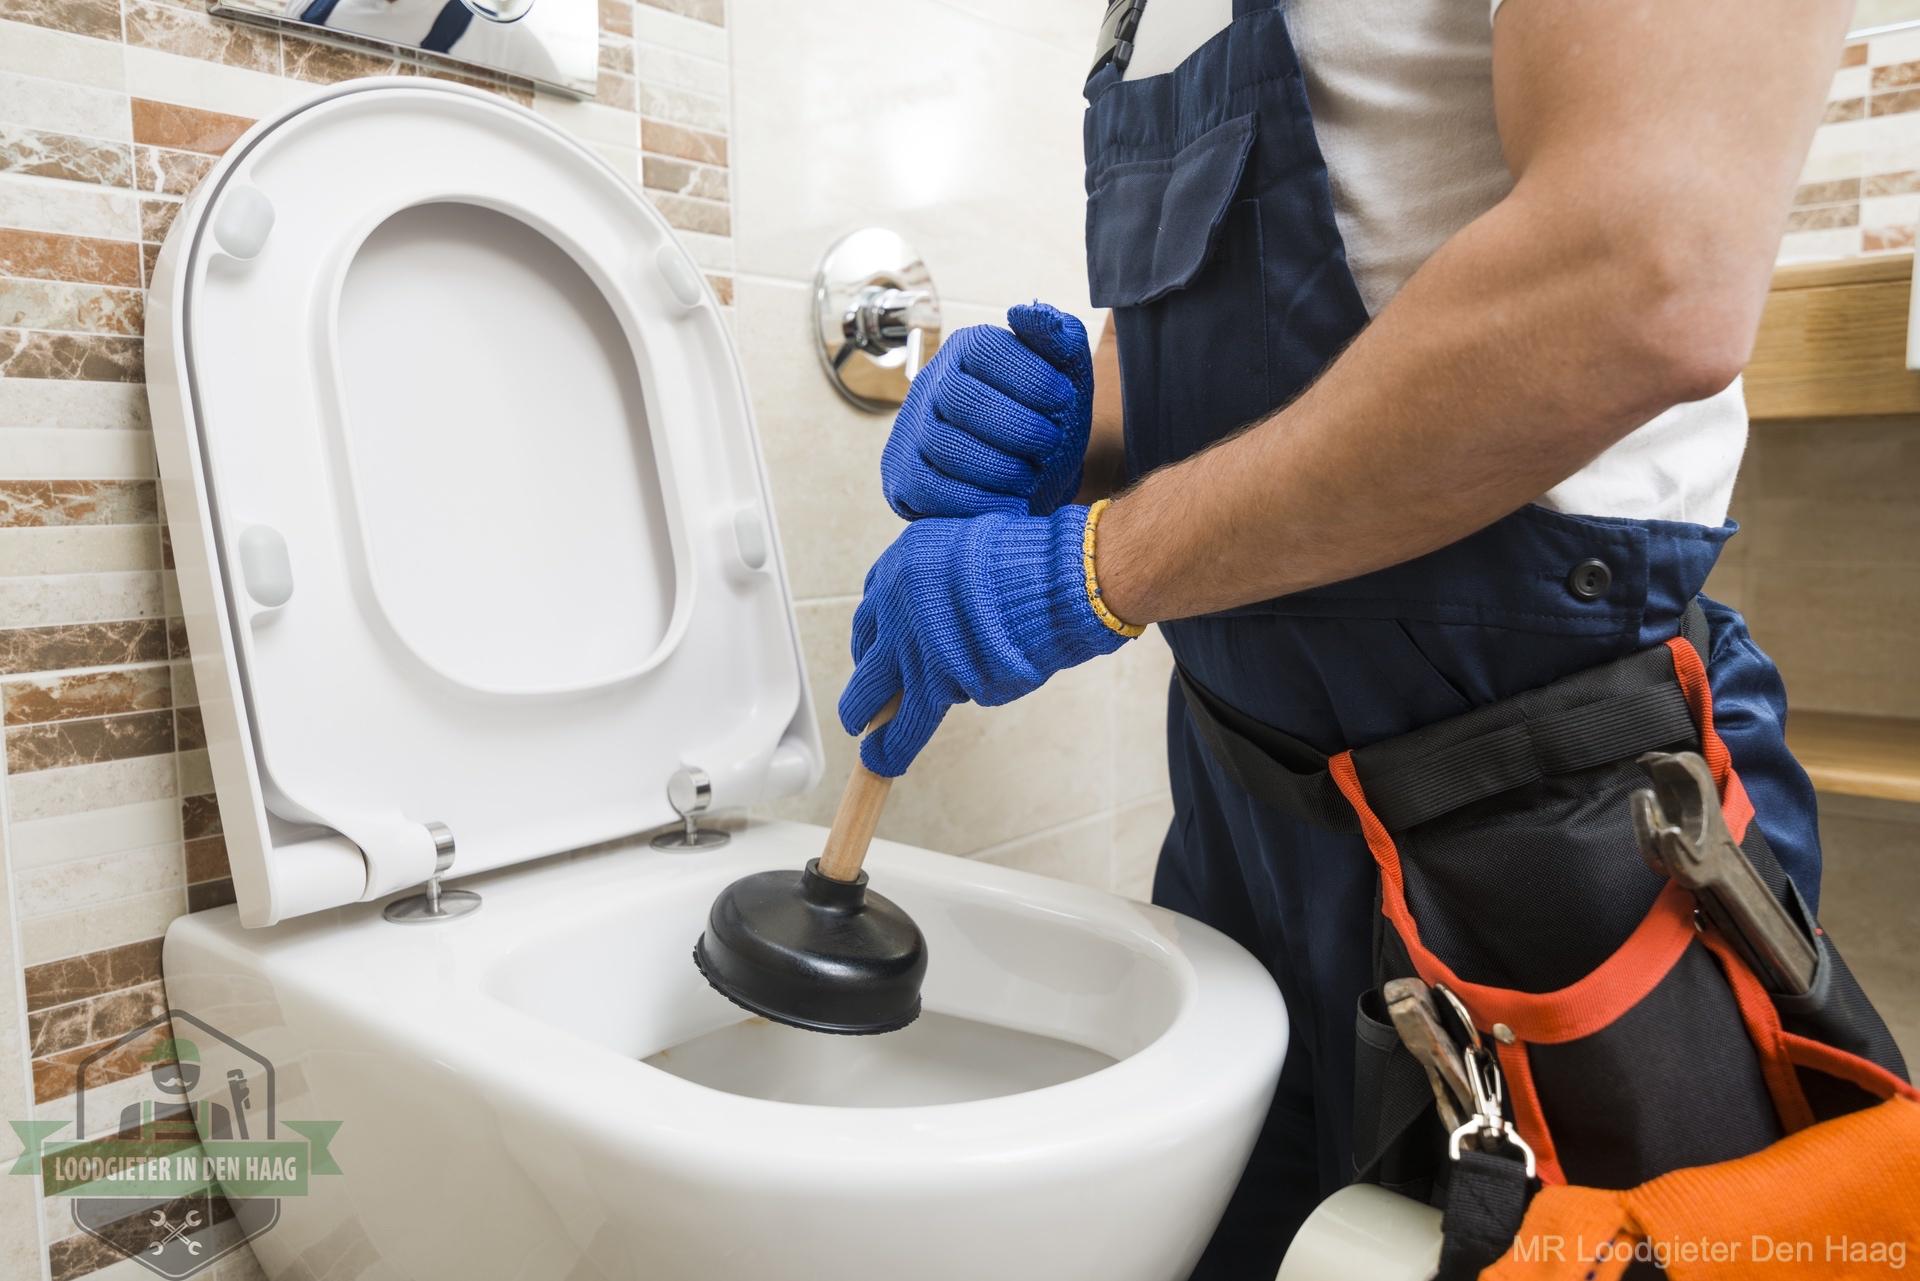 Ontstoppen wc loodgieter in Den Haag